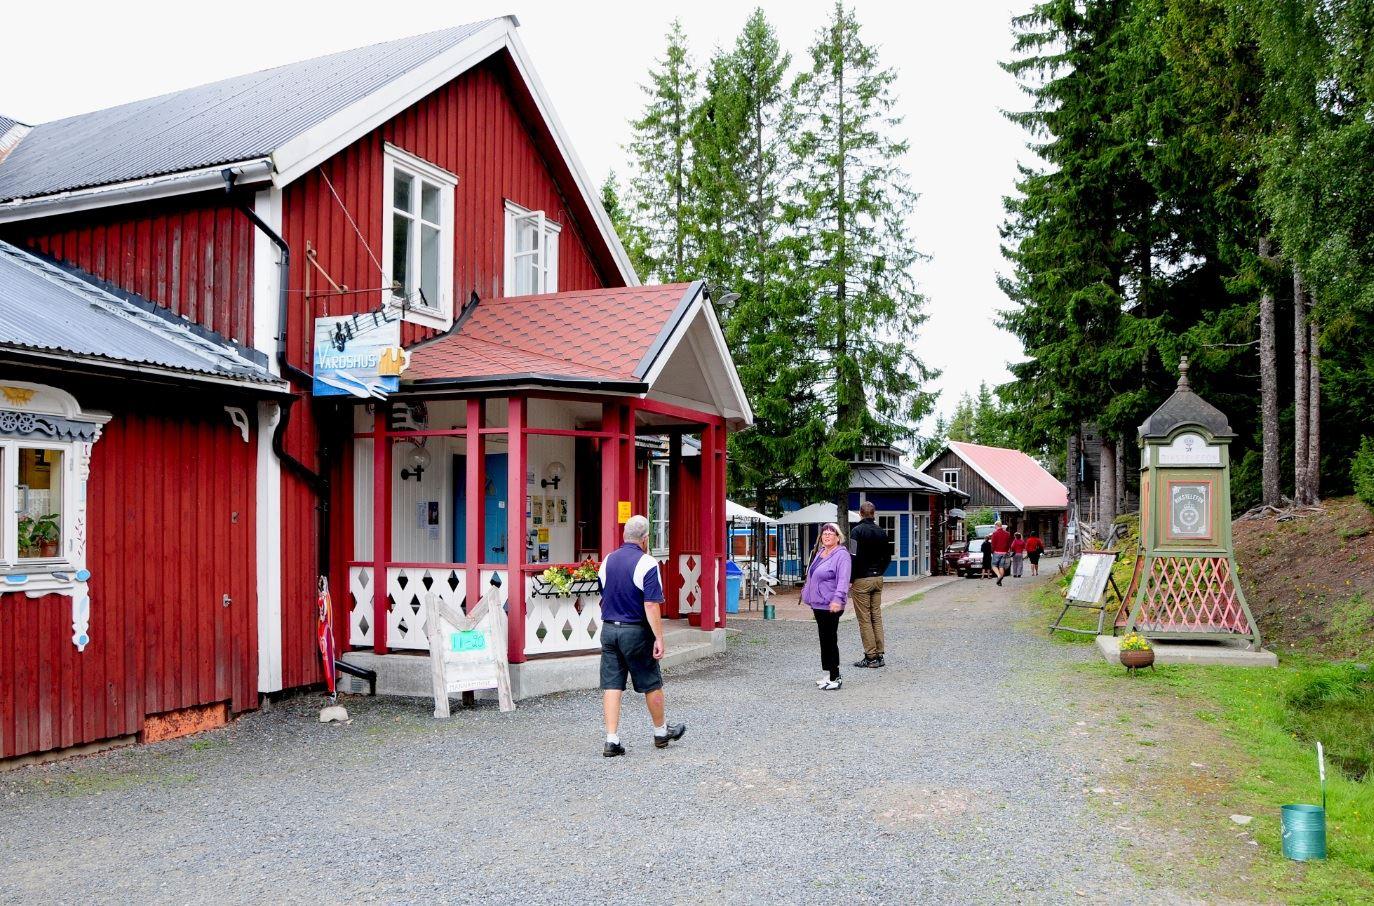 © Kramfors kommun, Besökare på Mannaminne